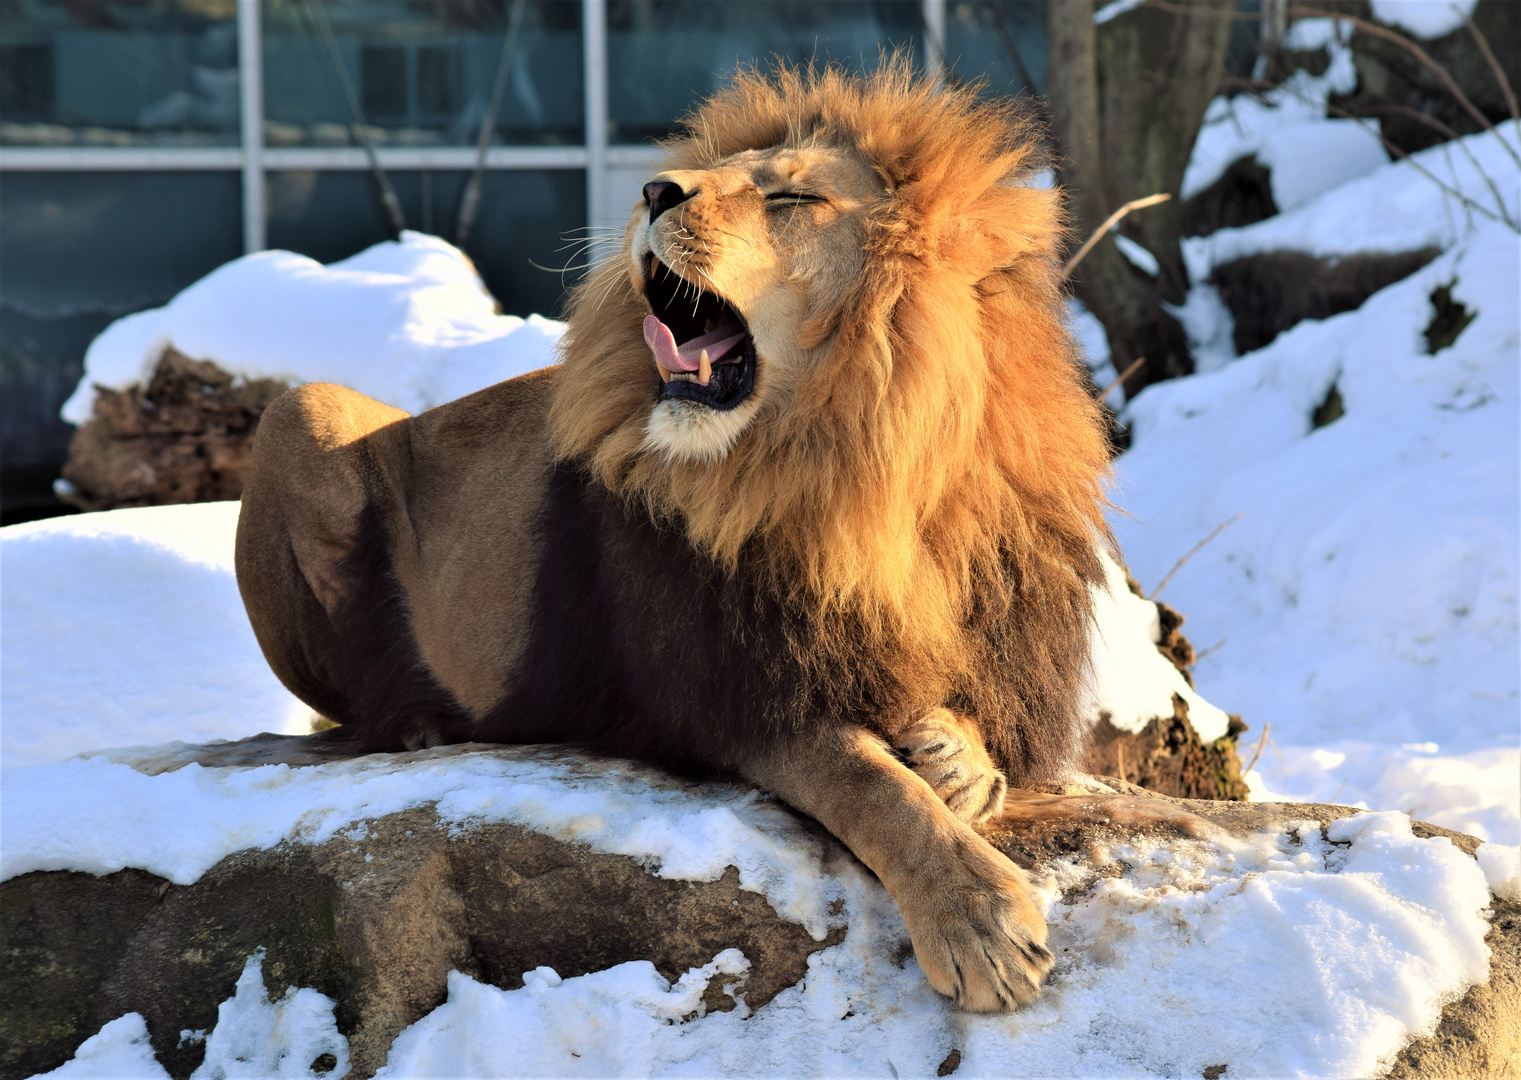 León en el zoológico de Munich